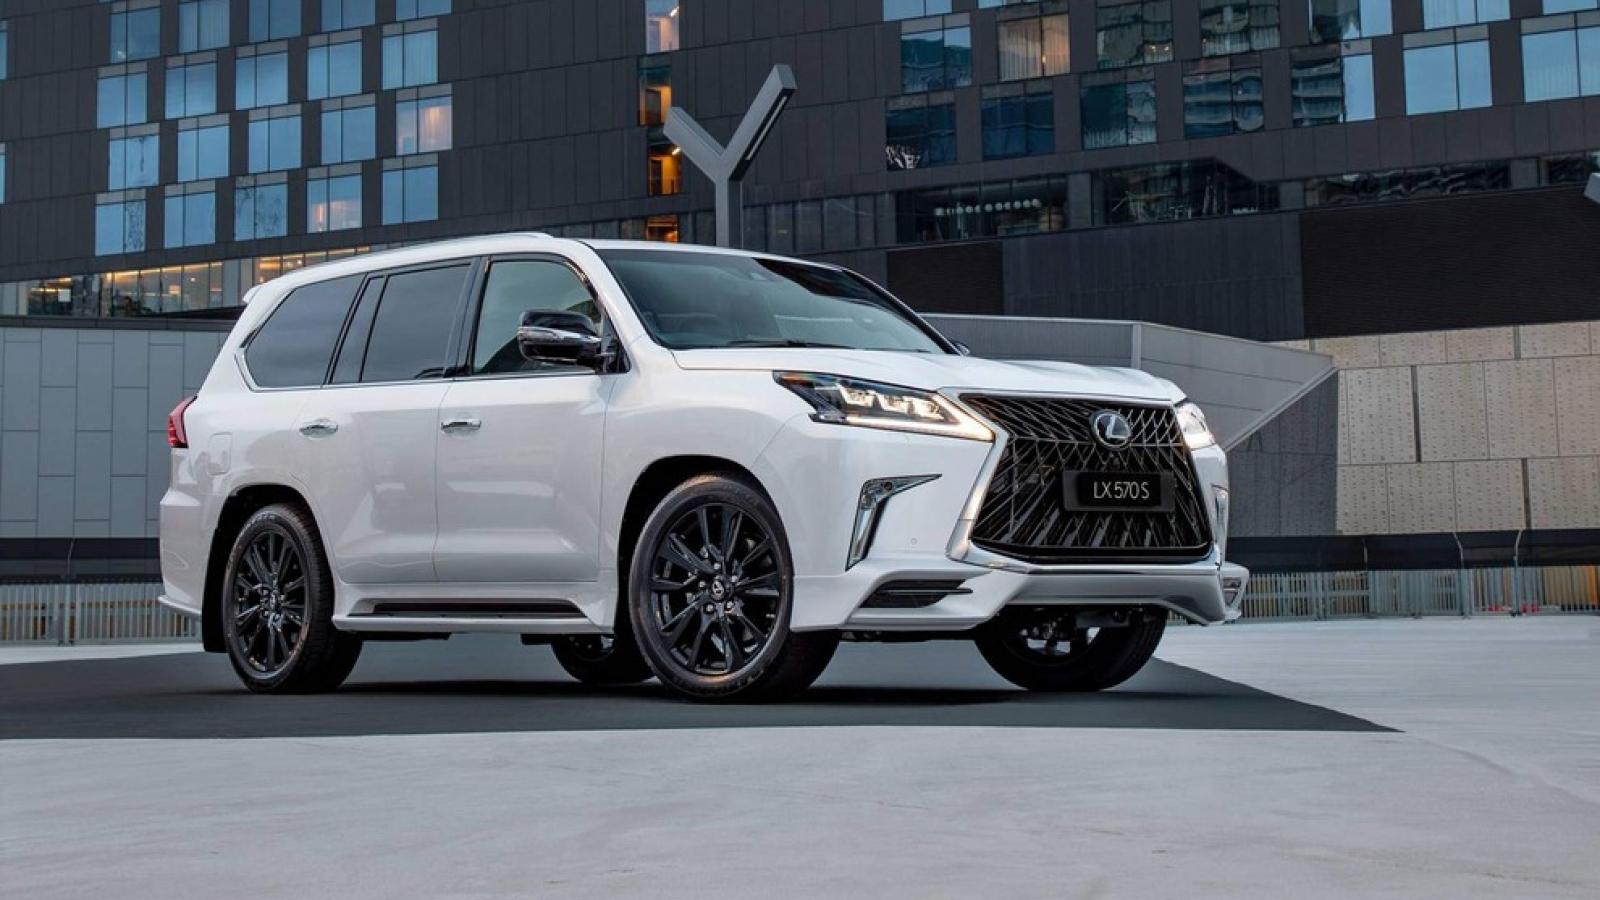 Khám phá những tính năng mới trên Lexus LX 570 2021